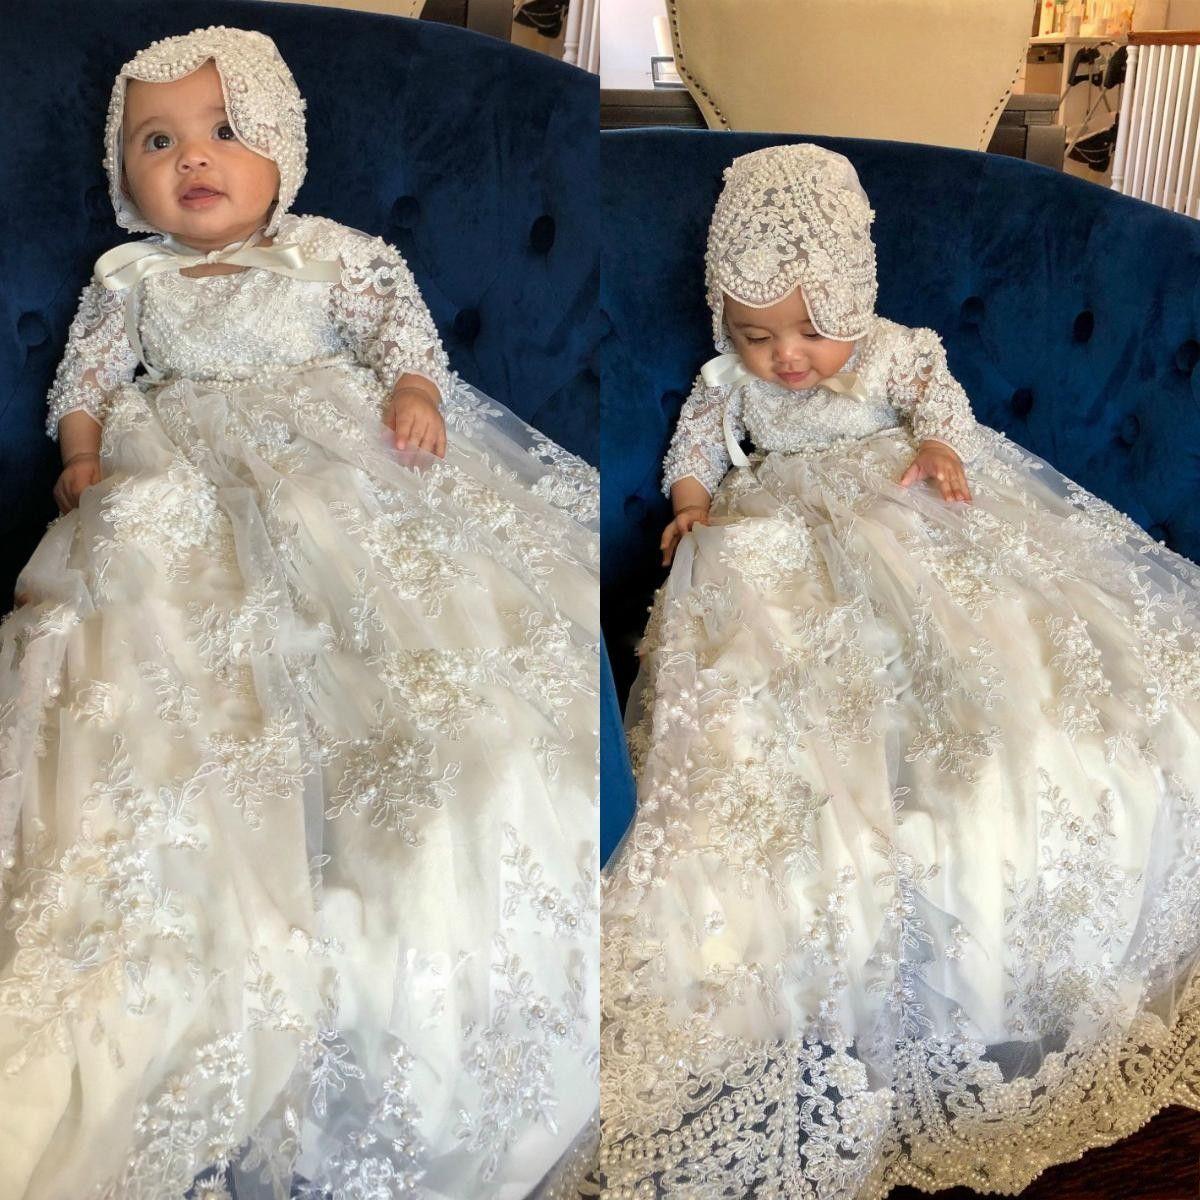 Bonito 2019 Manga Longa Vestidos de Baptizado Para O Bebê Meninas Lace Appliqued Pérolas Batismo Vestidos Com Bonnet Primeiro Vestido de Comunicação